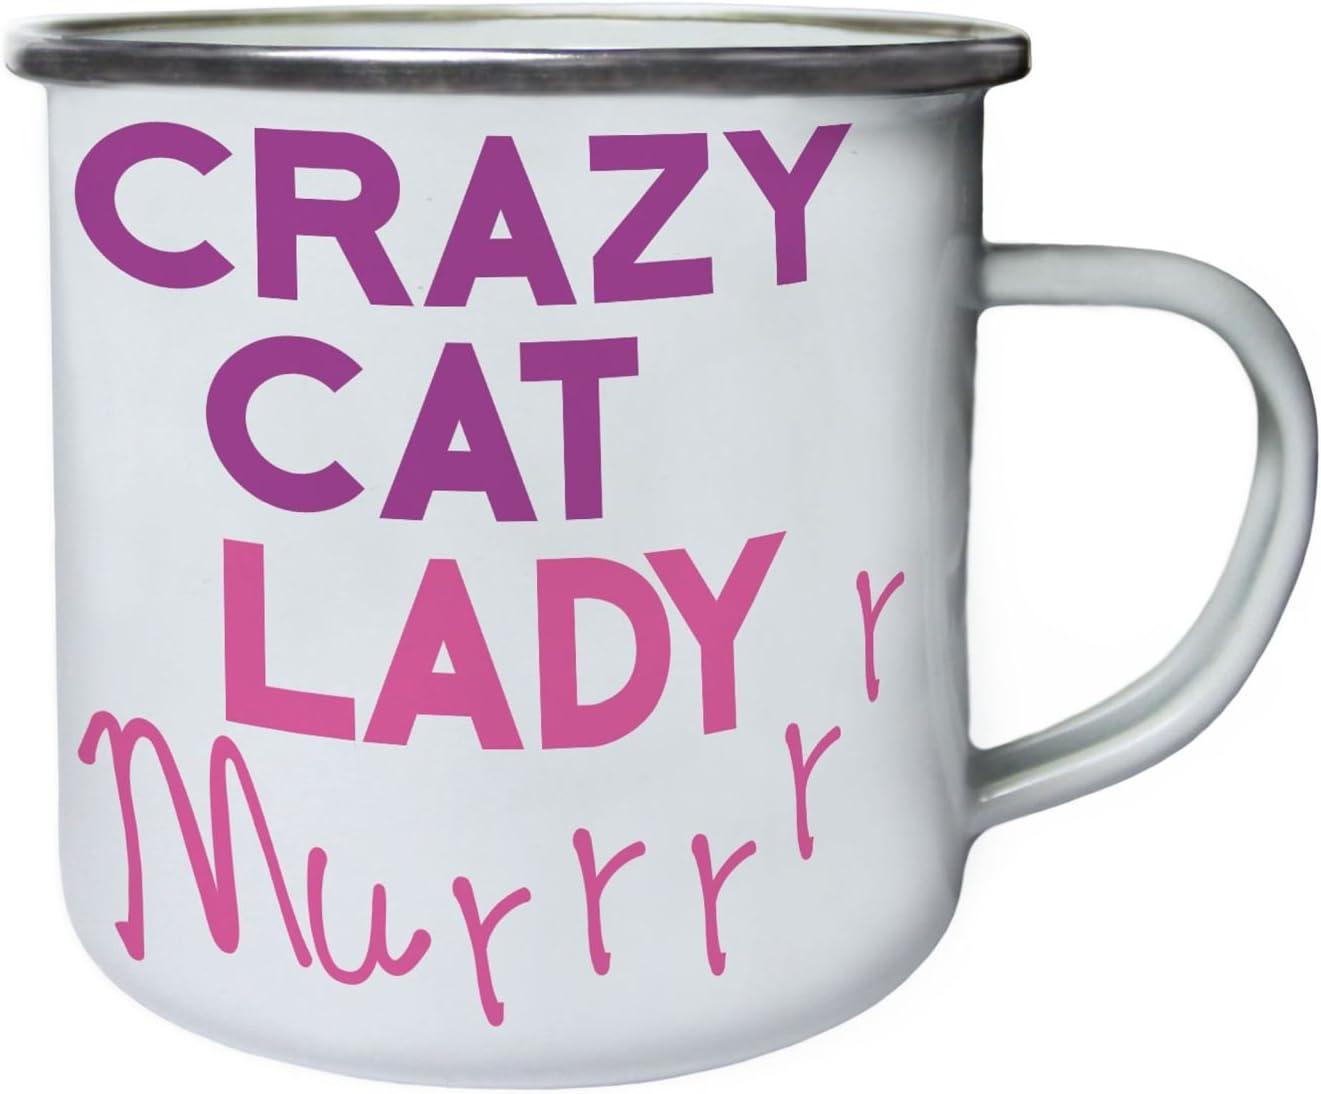 señora loca gato gracioso Retro, lata, taza del esmalte 10oz/280ml cc767e: Amazon.es: Hogar